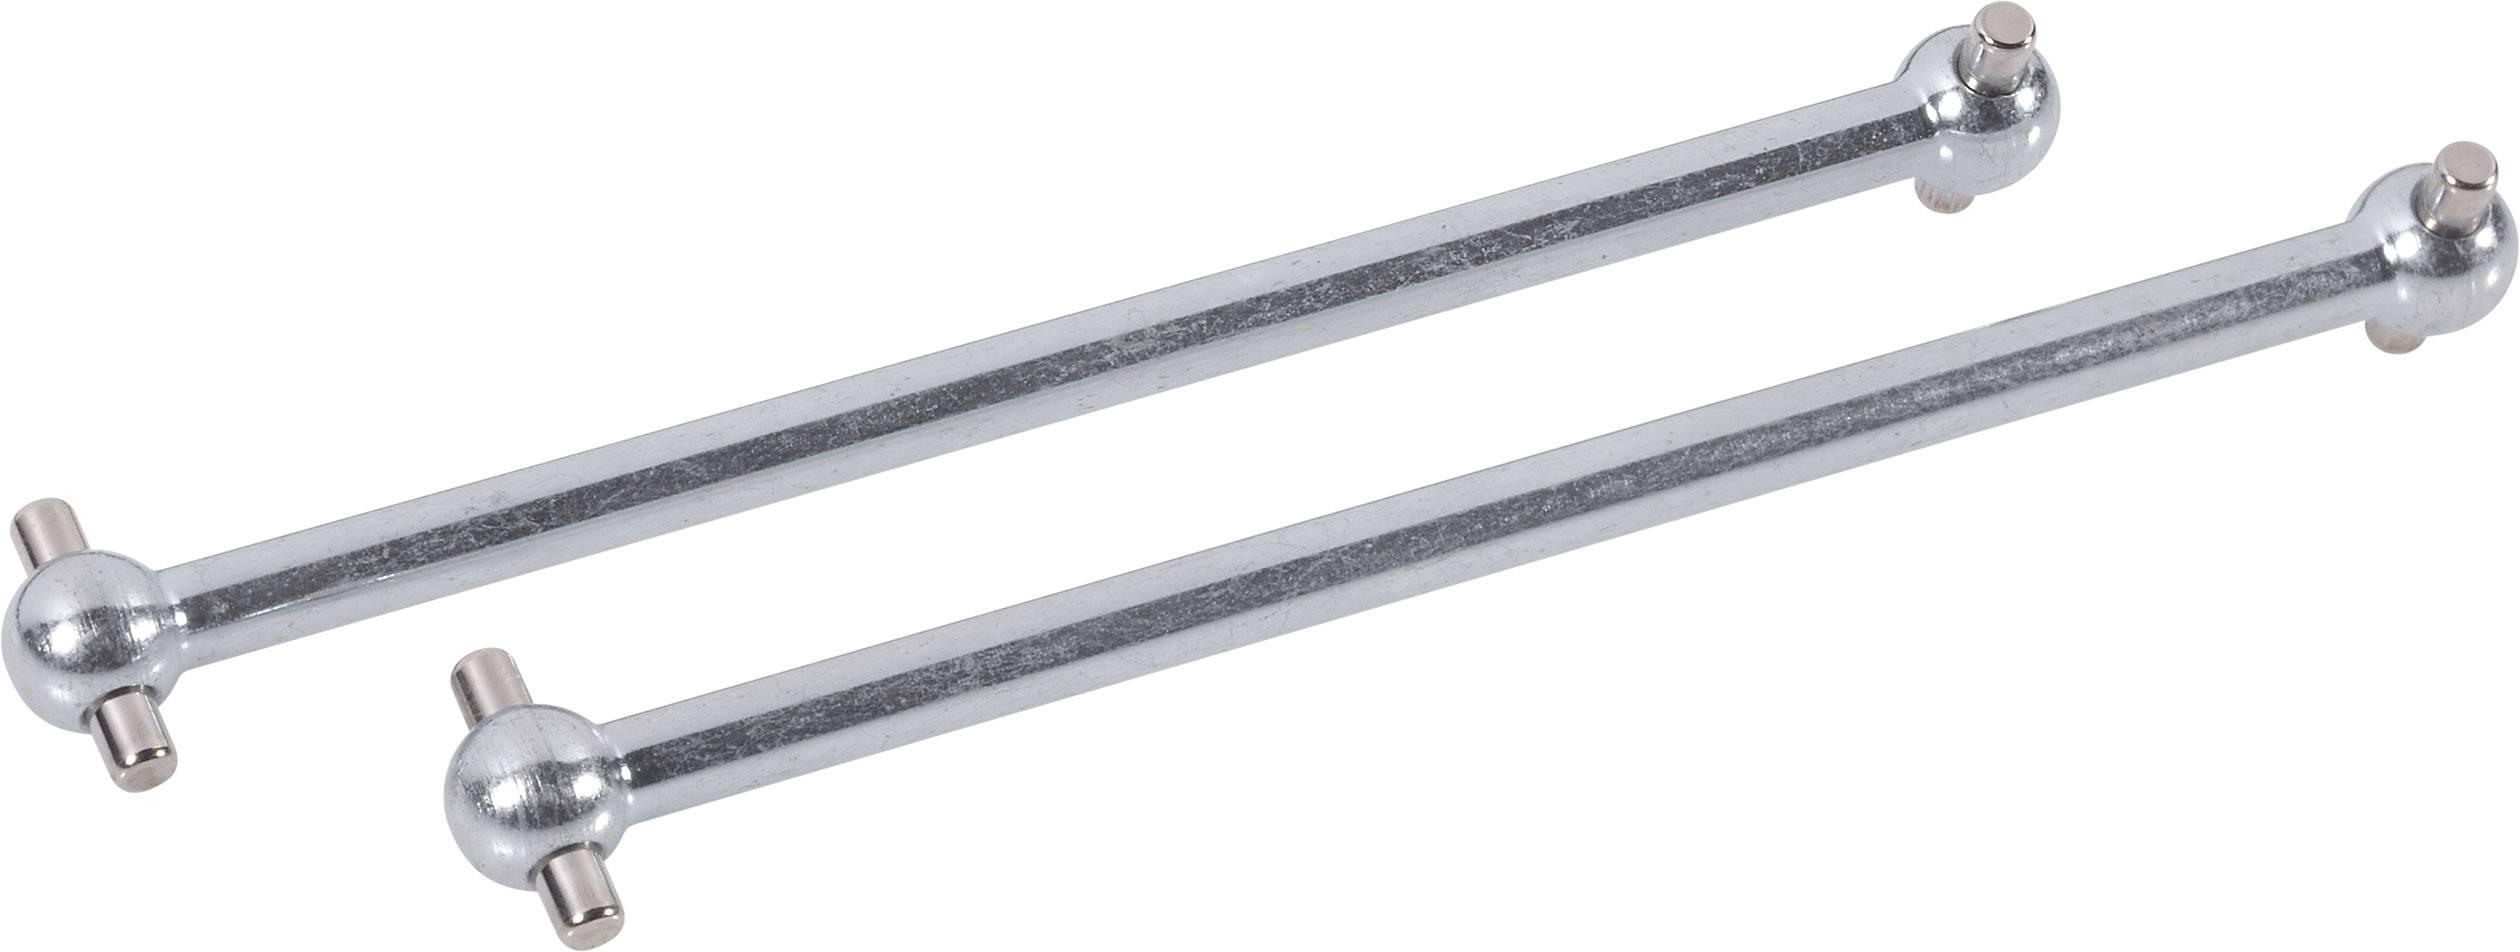 Hnací hřídel Reely, 97,8 mm, 2 ks, 1:8 (MV3551)